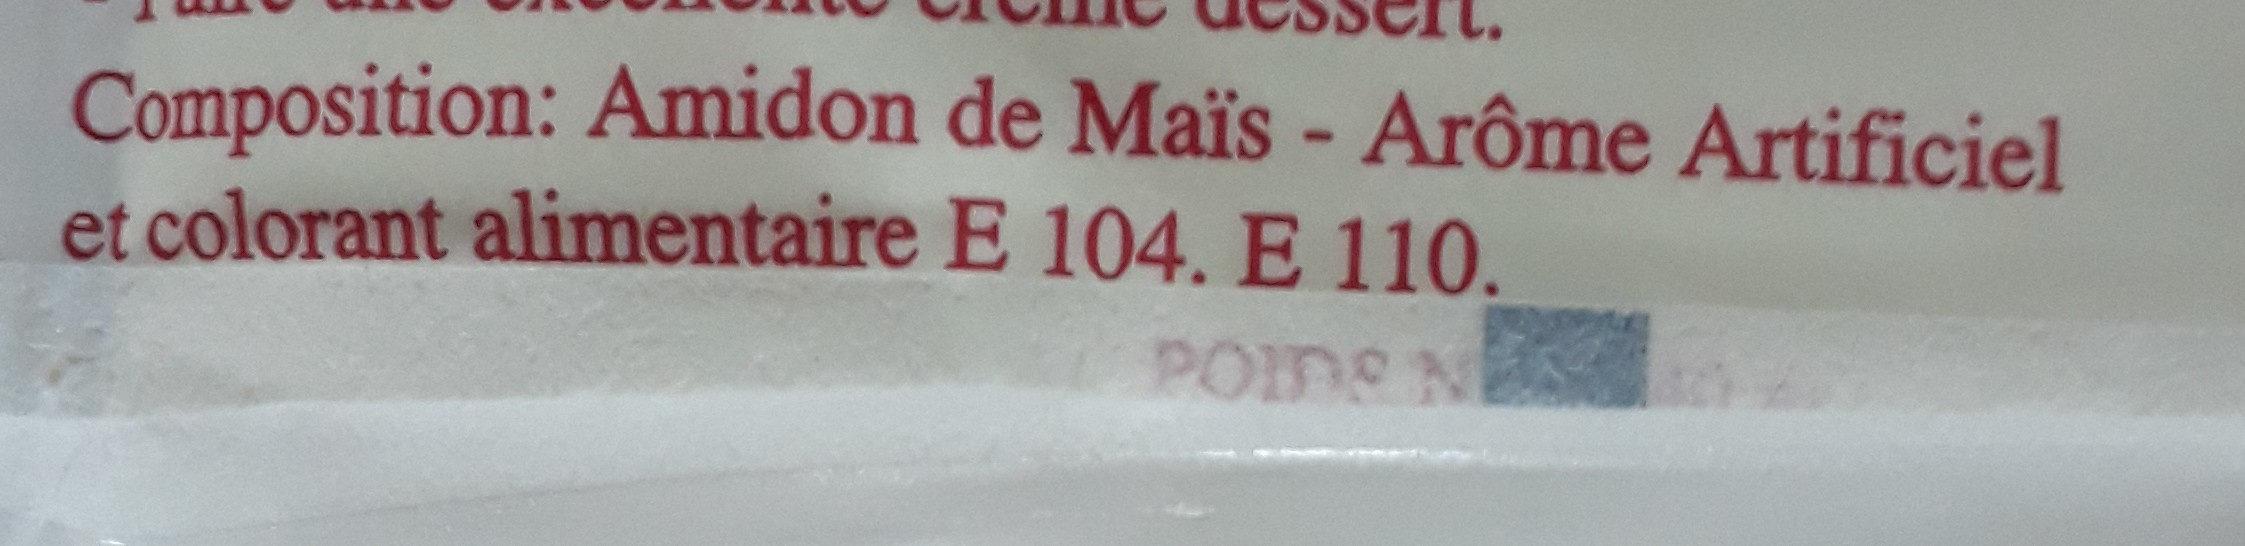 Poudre à crème patissière gout vanilliné - Ingrédients - fr